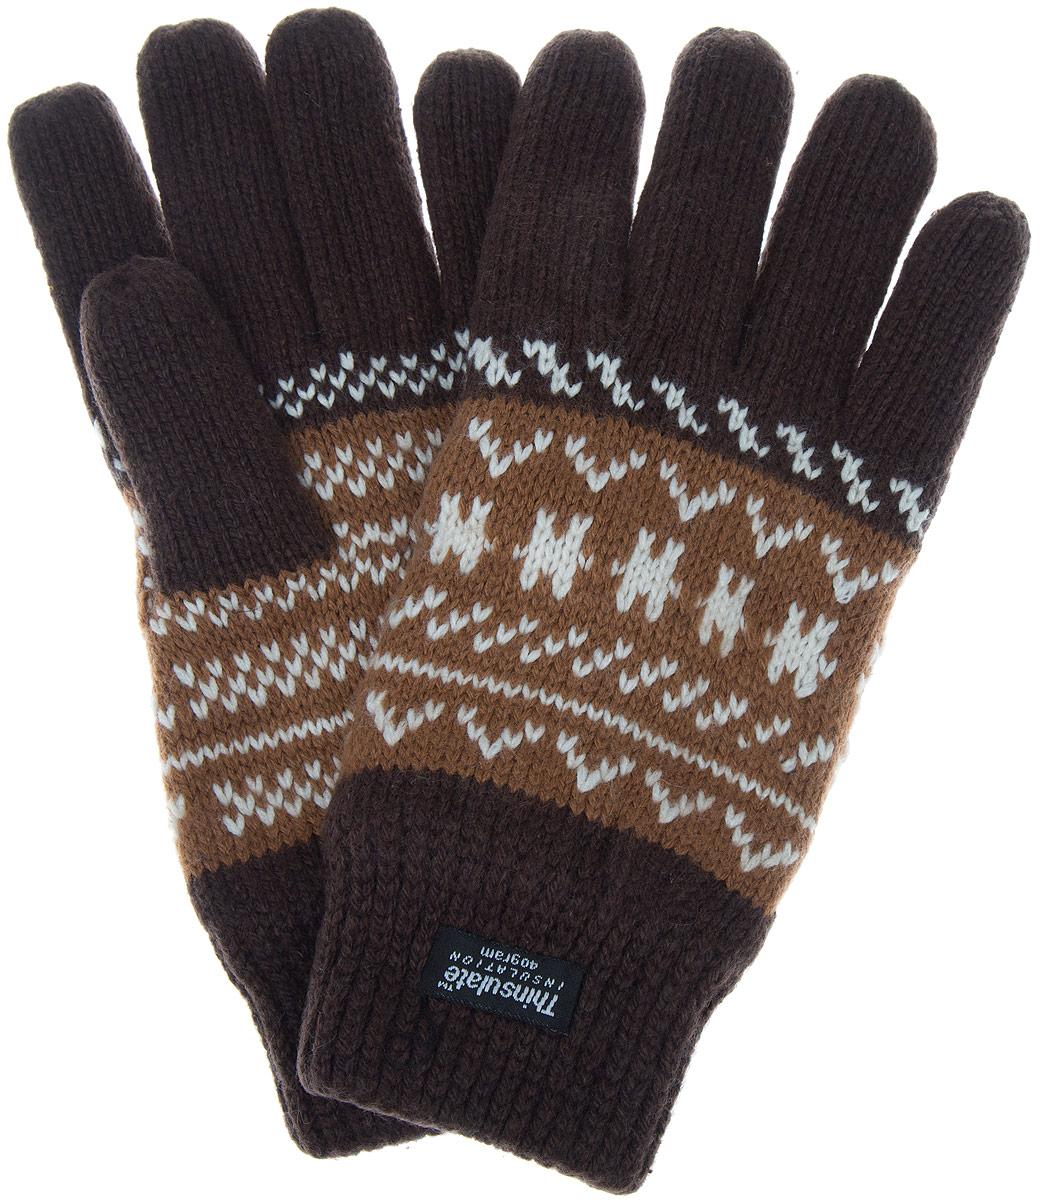 Перчатки мужские Modo Gru, цвет: коричневый, бежевый, белый. M8. Размер S (6,5)M8Теплые мужские перчатки Modo надежно защитят ваши руки от холода! Перчатки выполнены из шерсти и акрила с подкладкой из мягкого флиса.Такие перчатки станут отличным дополнением к вашему зимнему гардеробу!